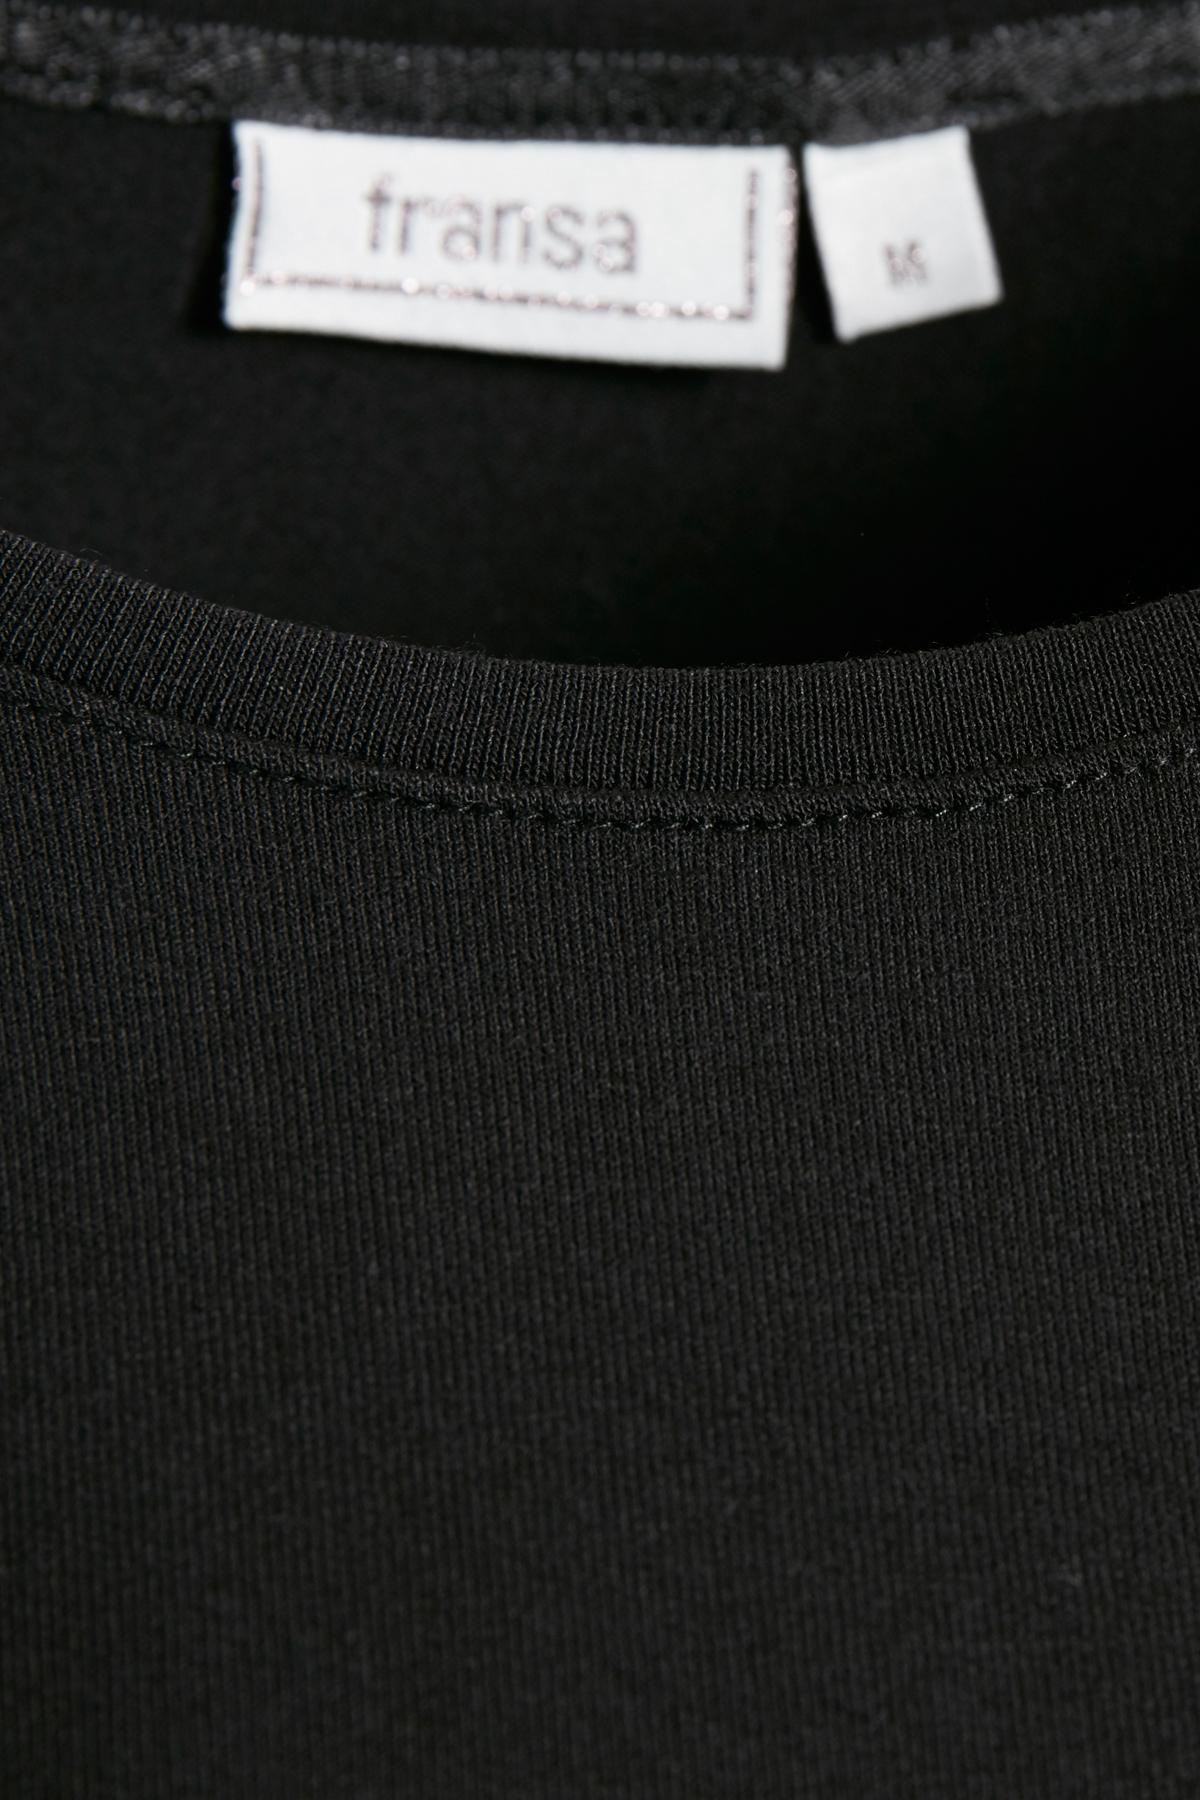 Zwart T-shirt van Fransa – Door Zwart T-shirt van maat. XS-XXL hier